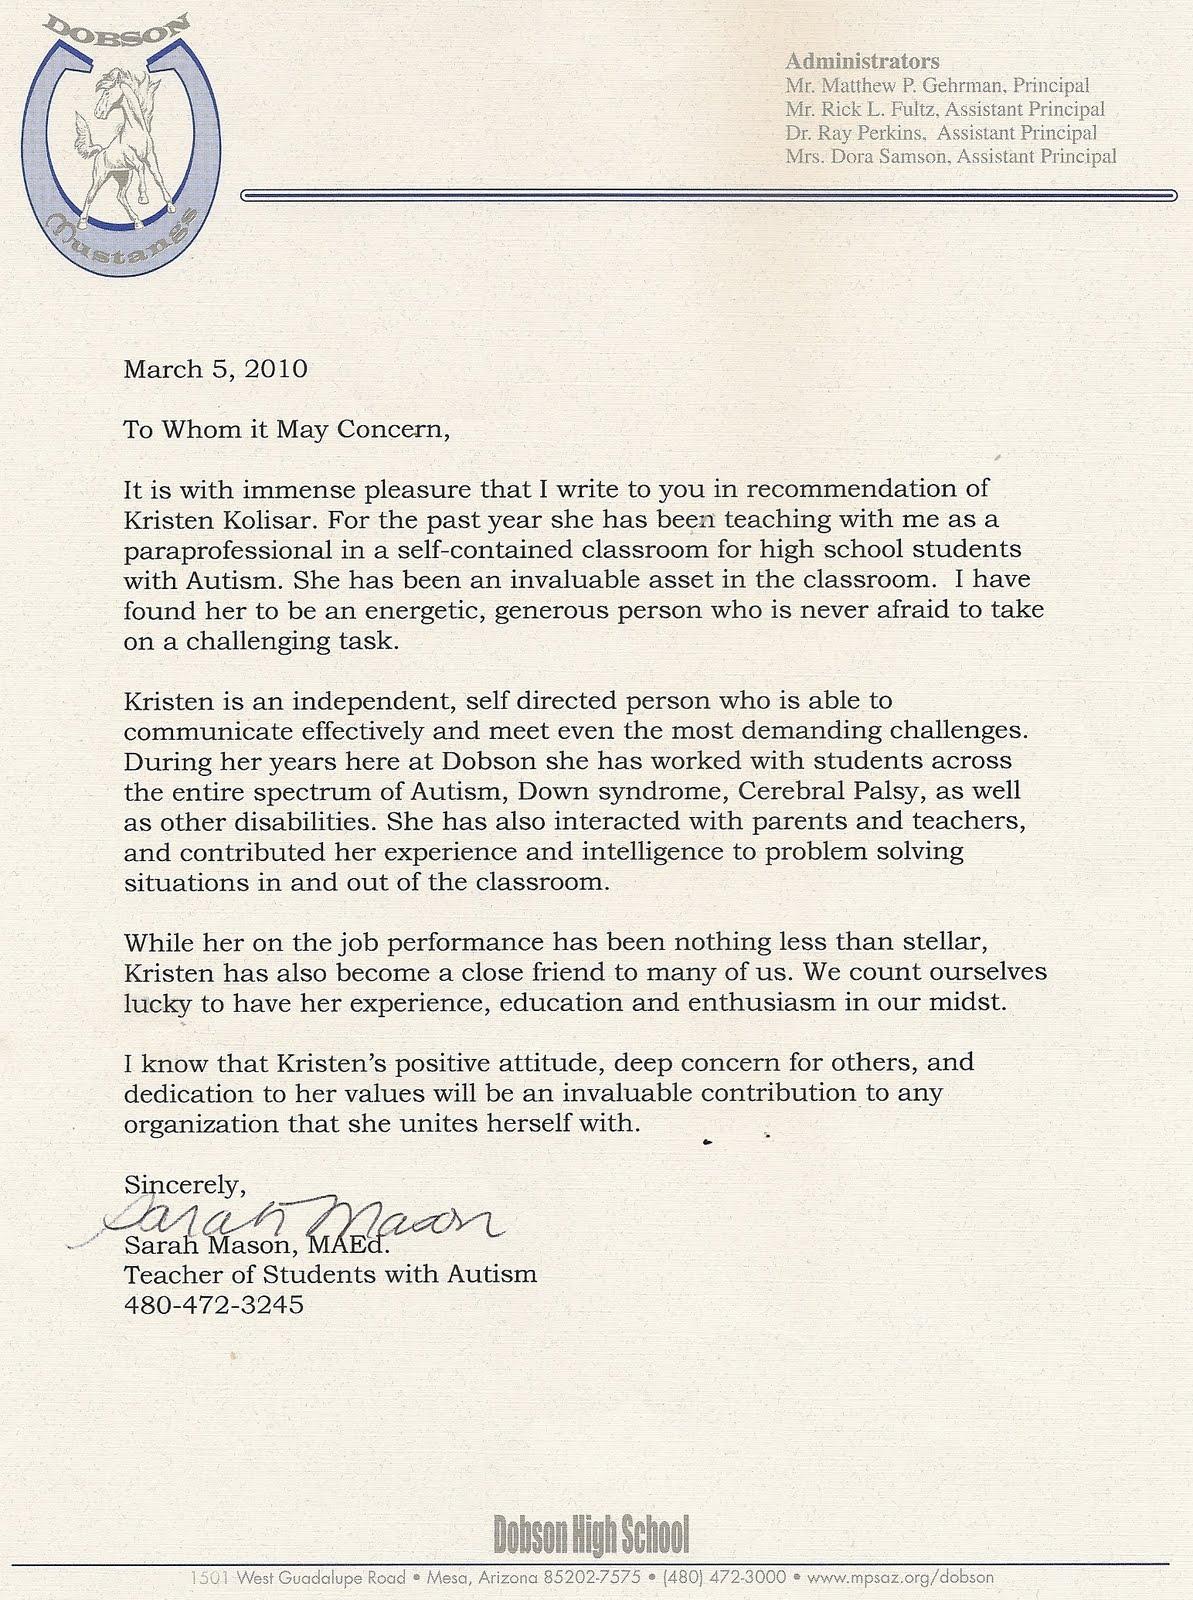 internship reference letter